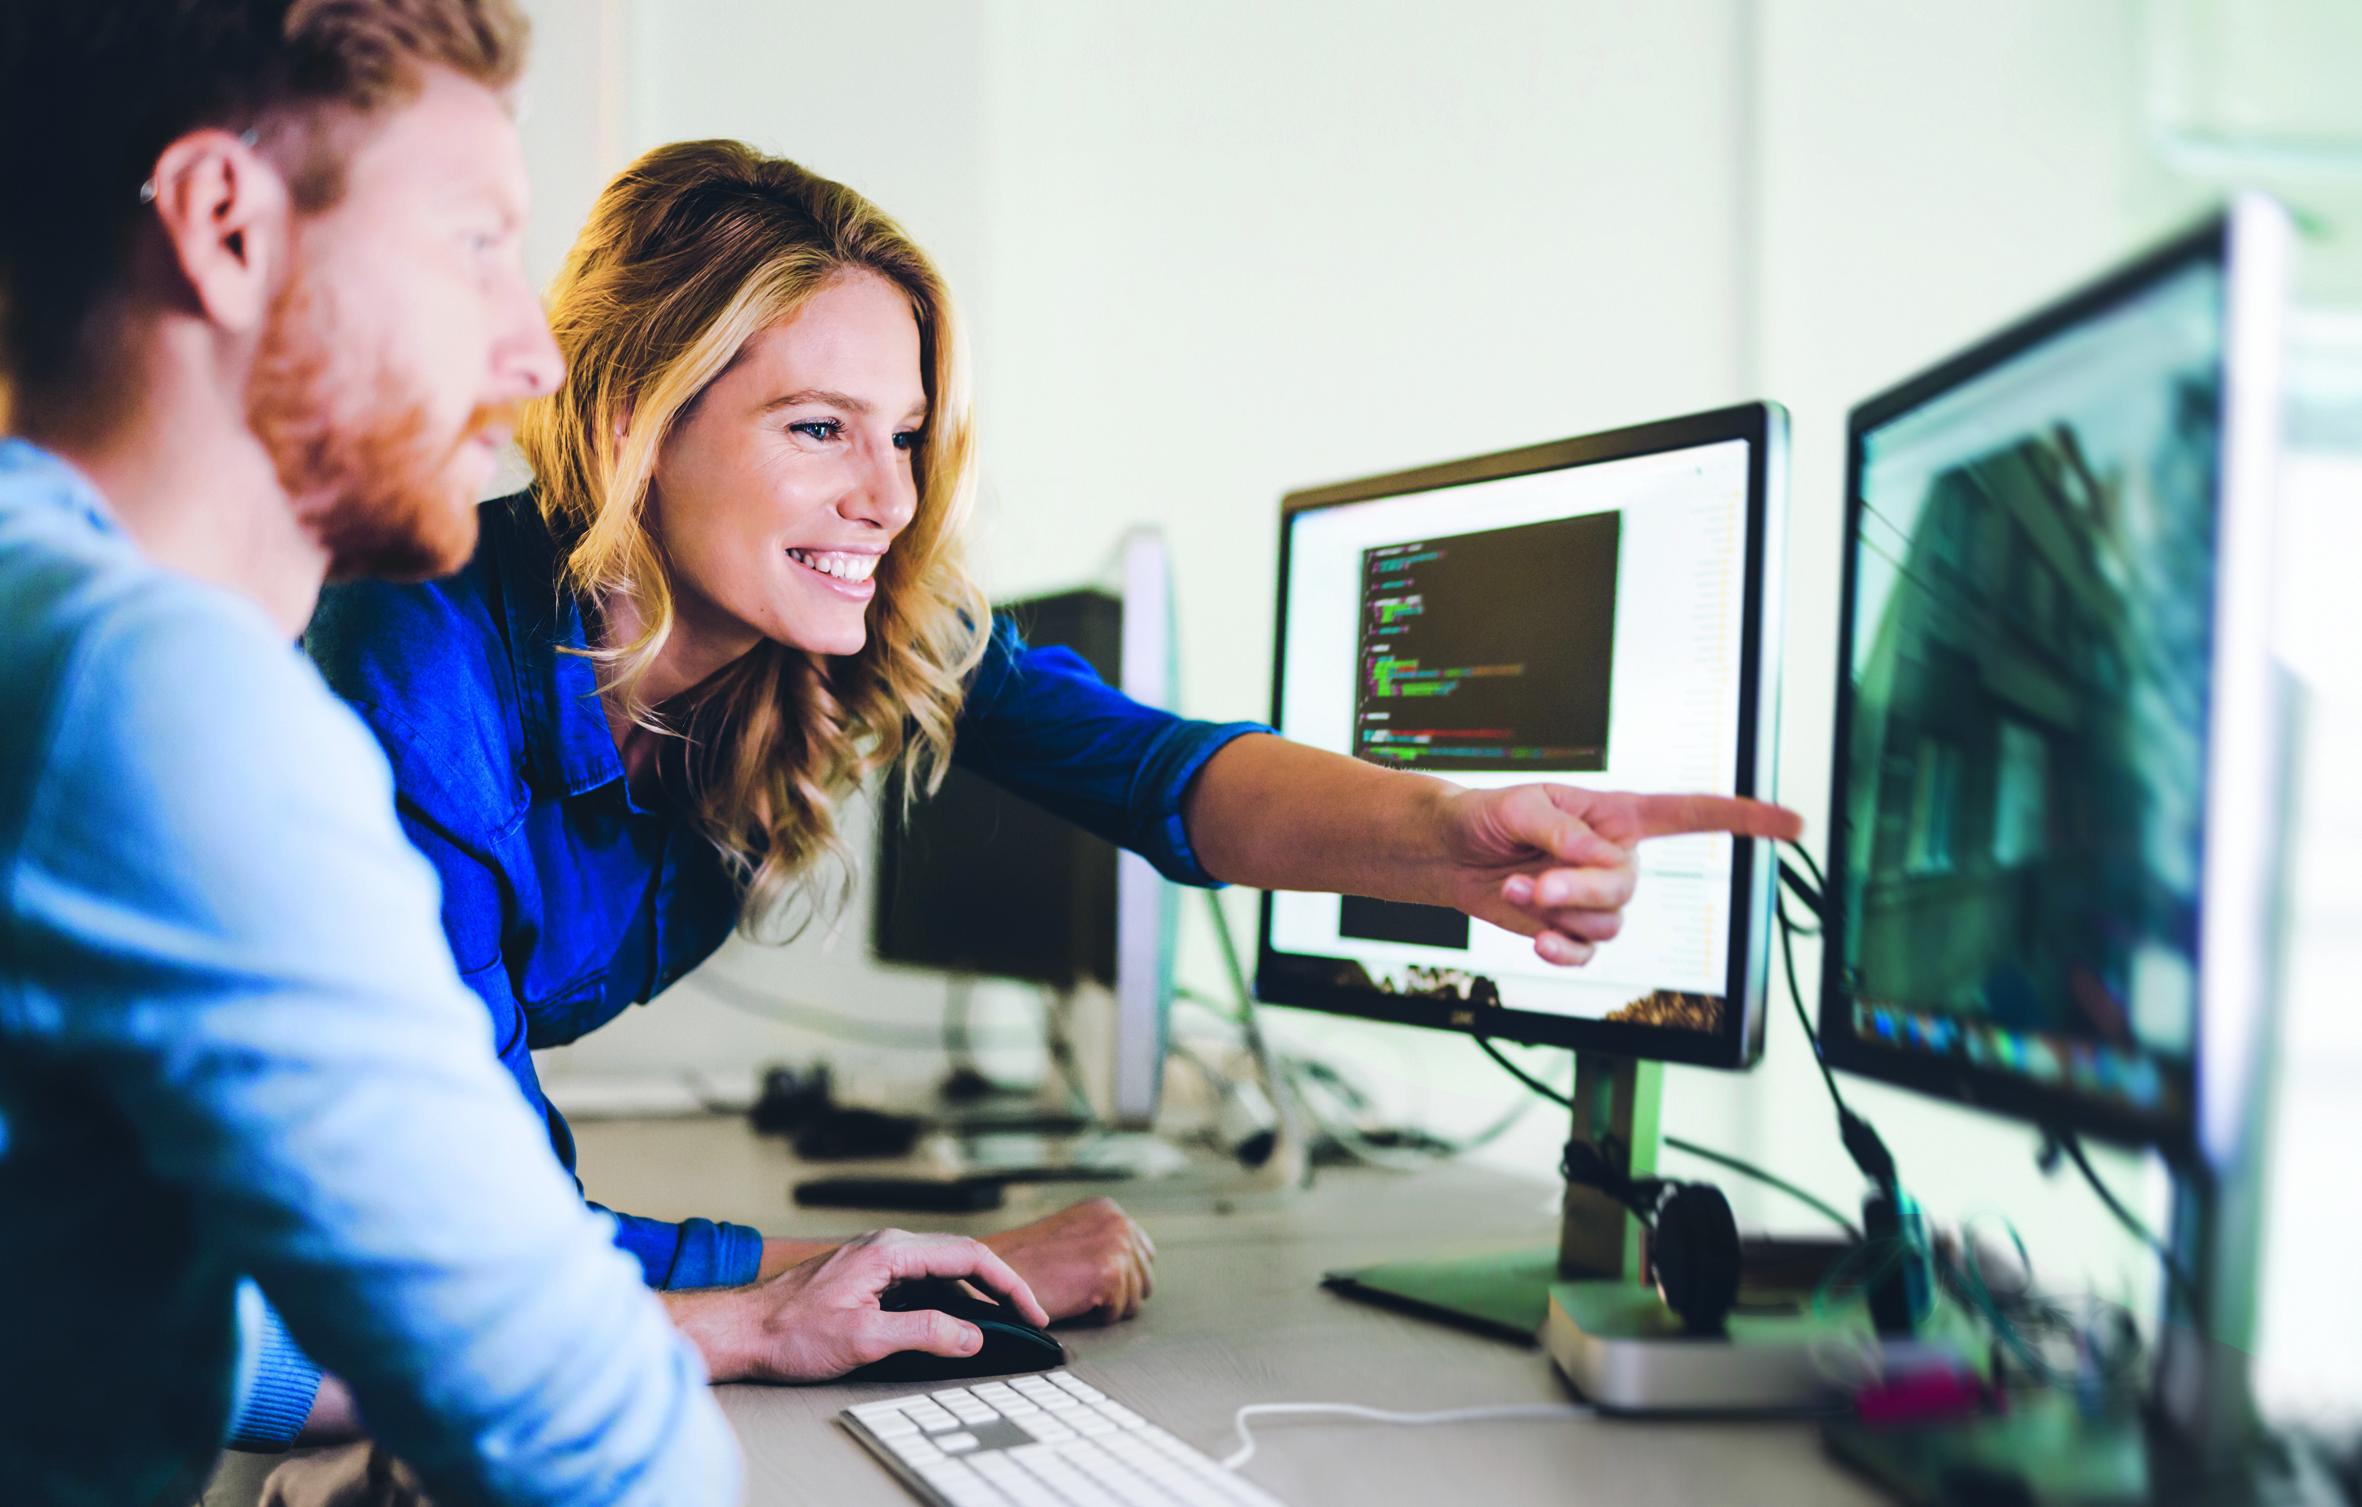 Zwei Studierende vor einem Computer arbeitend.